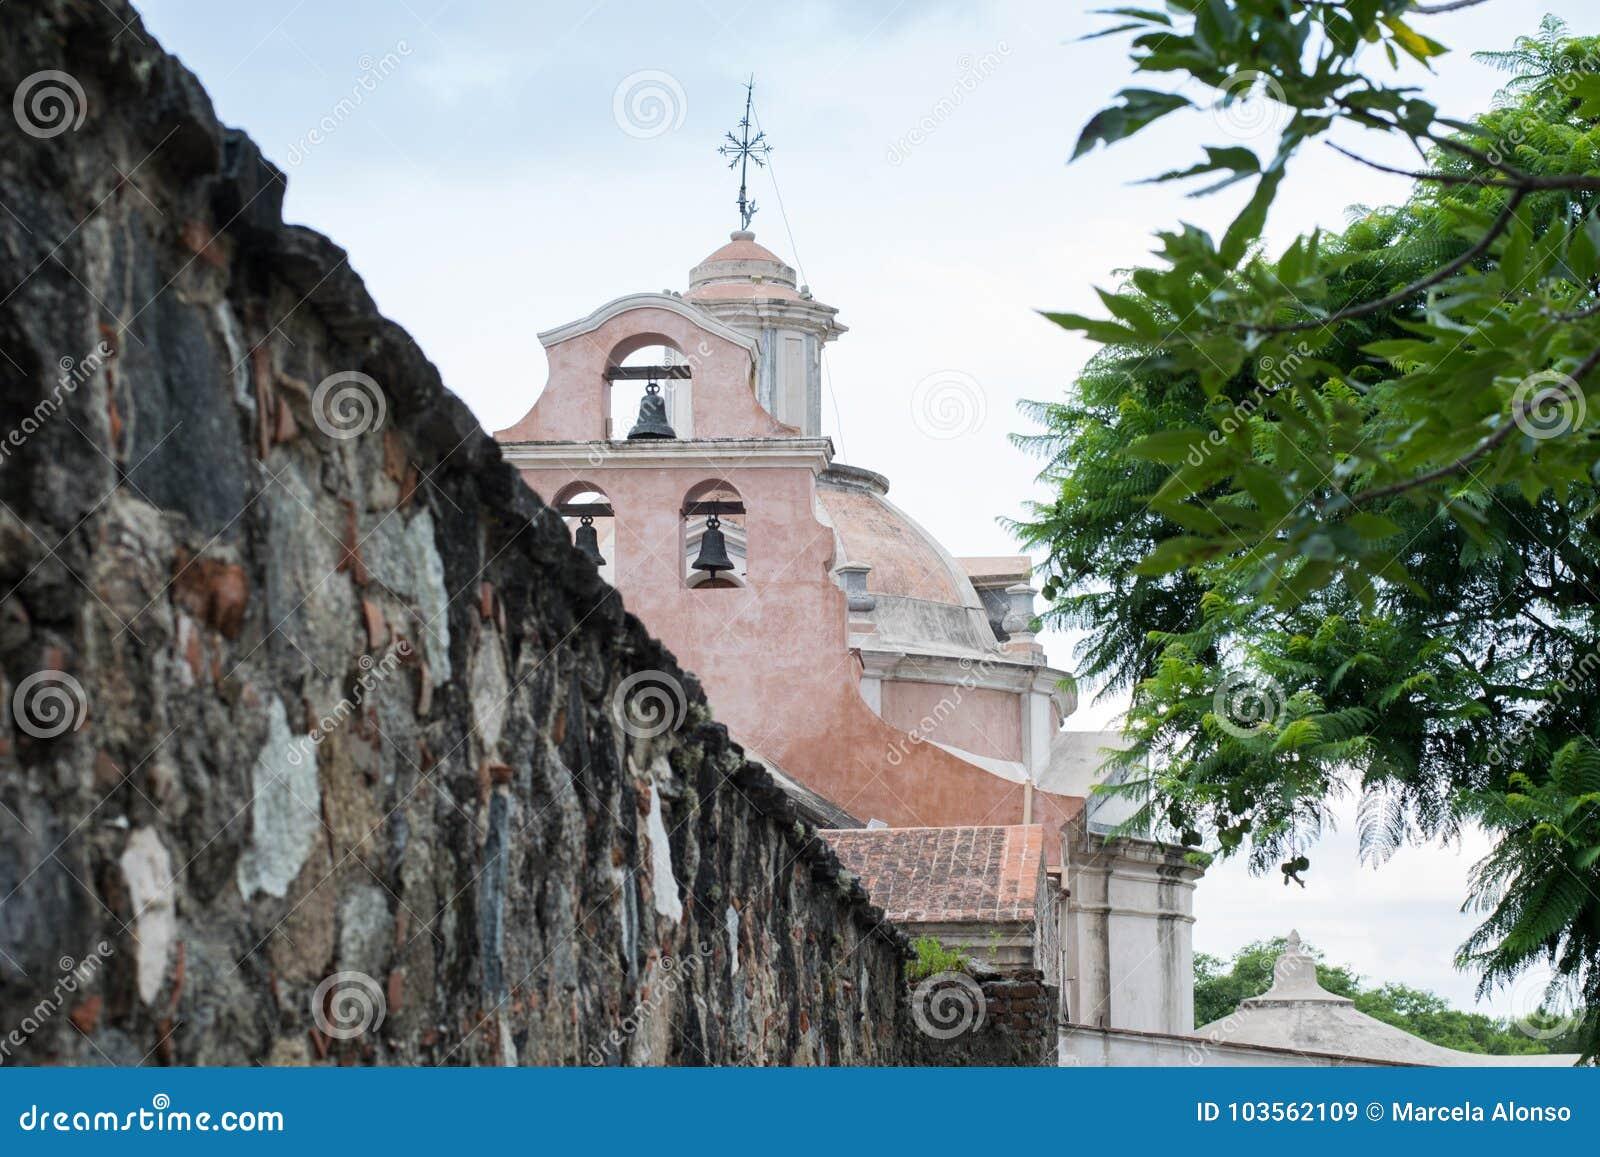 Архитектура иезуитов, всемирное наследие, церковь, музей Alta Gracia